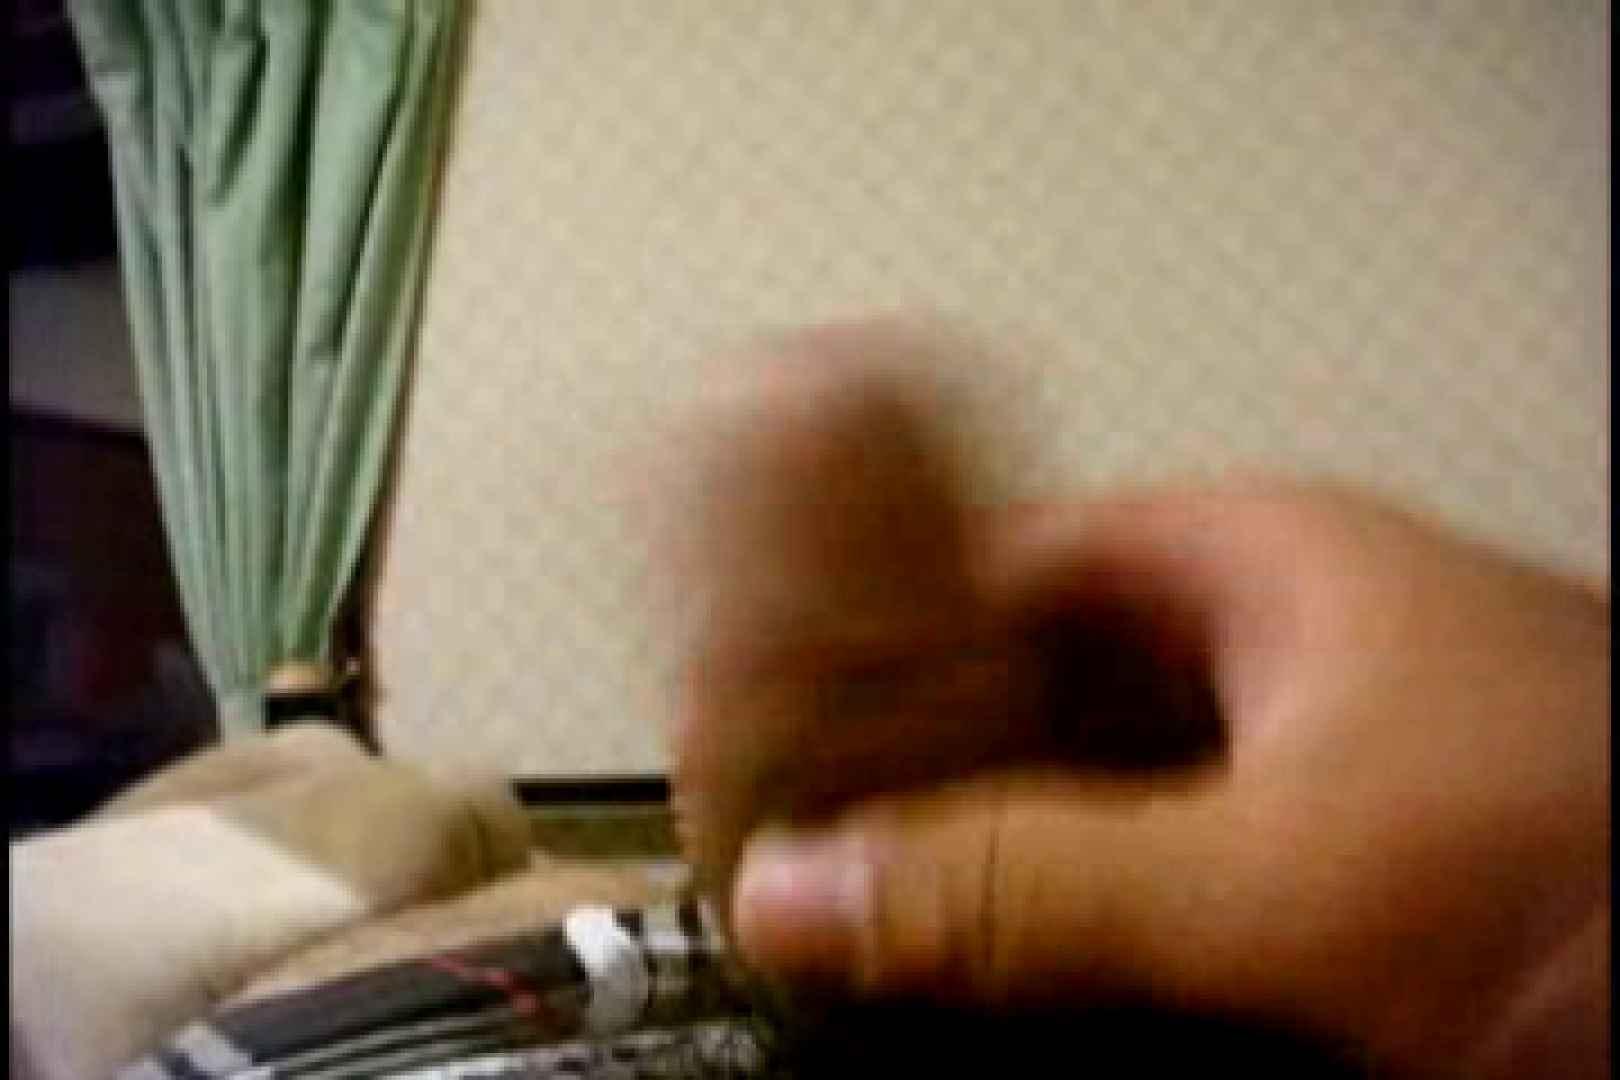 オナ好きノンケテニス部員の自画撮り投稿vol.01 モザ無し | チンコ動画 エロビデオ紹介 82枚 2